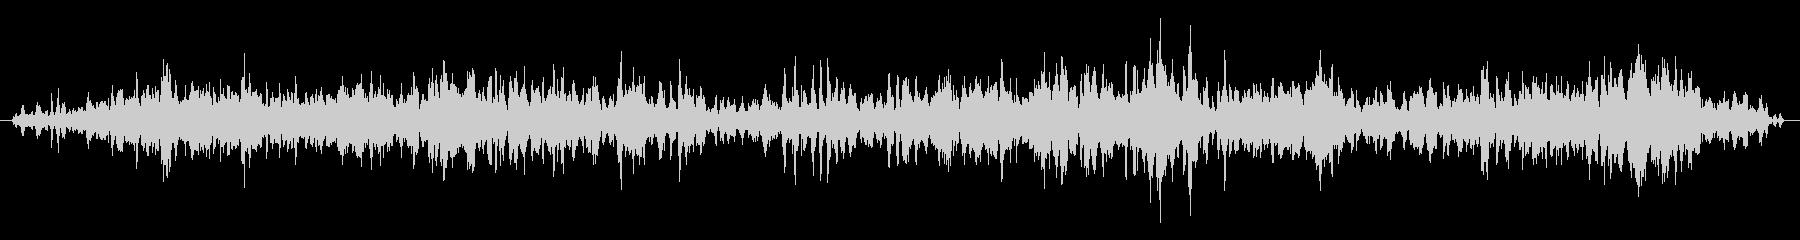 群集 トークハッピーロング01の未再生の波形